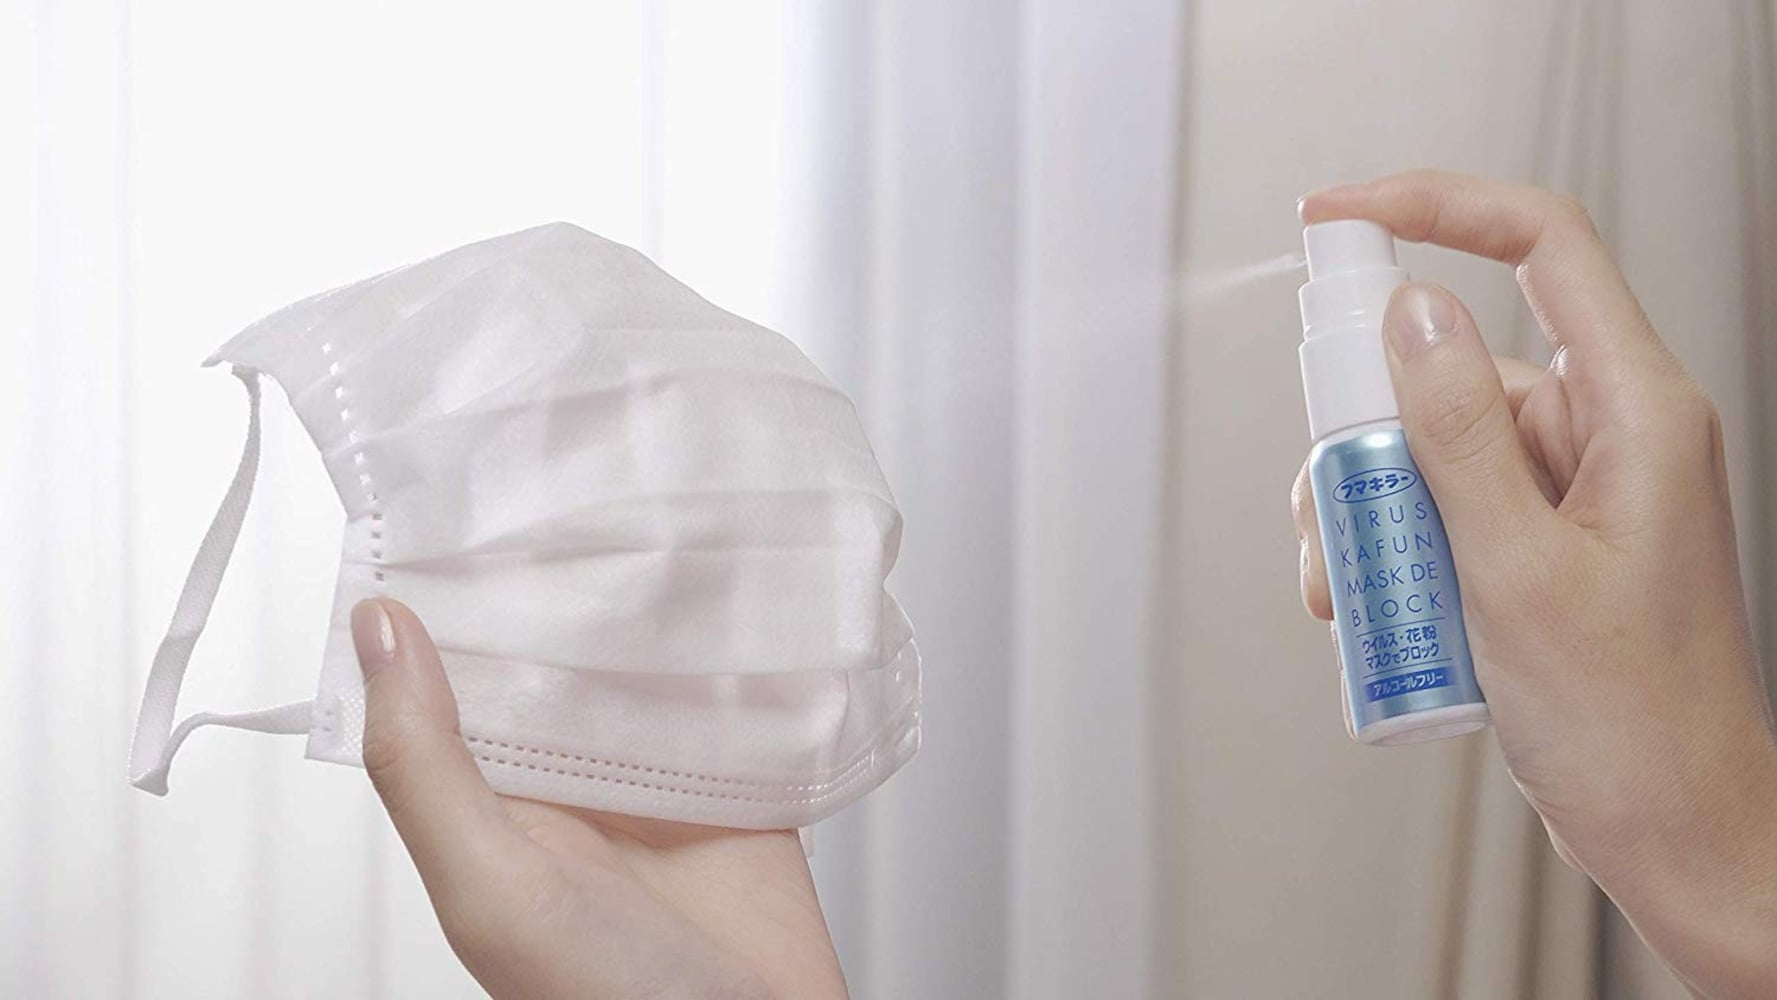 マスク 消毒 スプレー